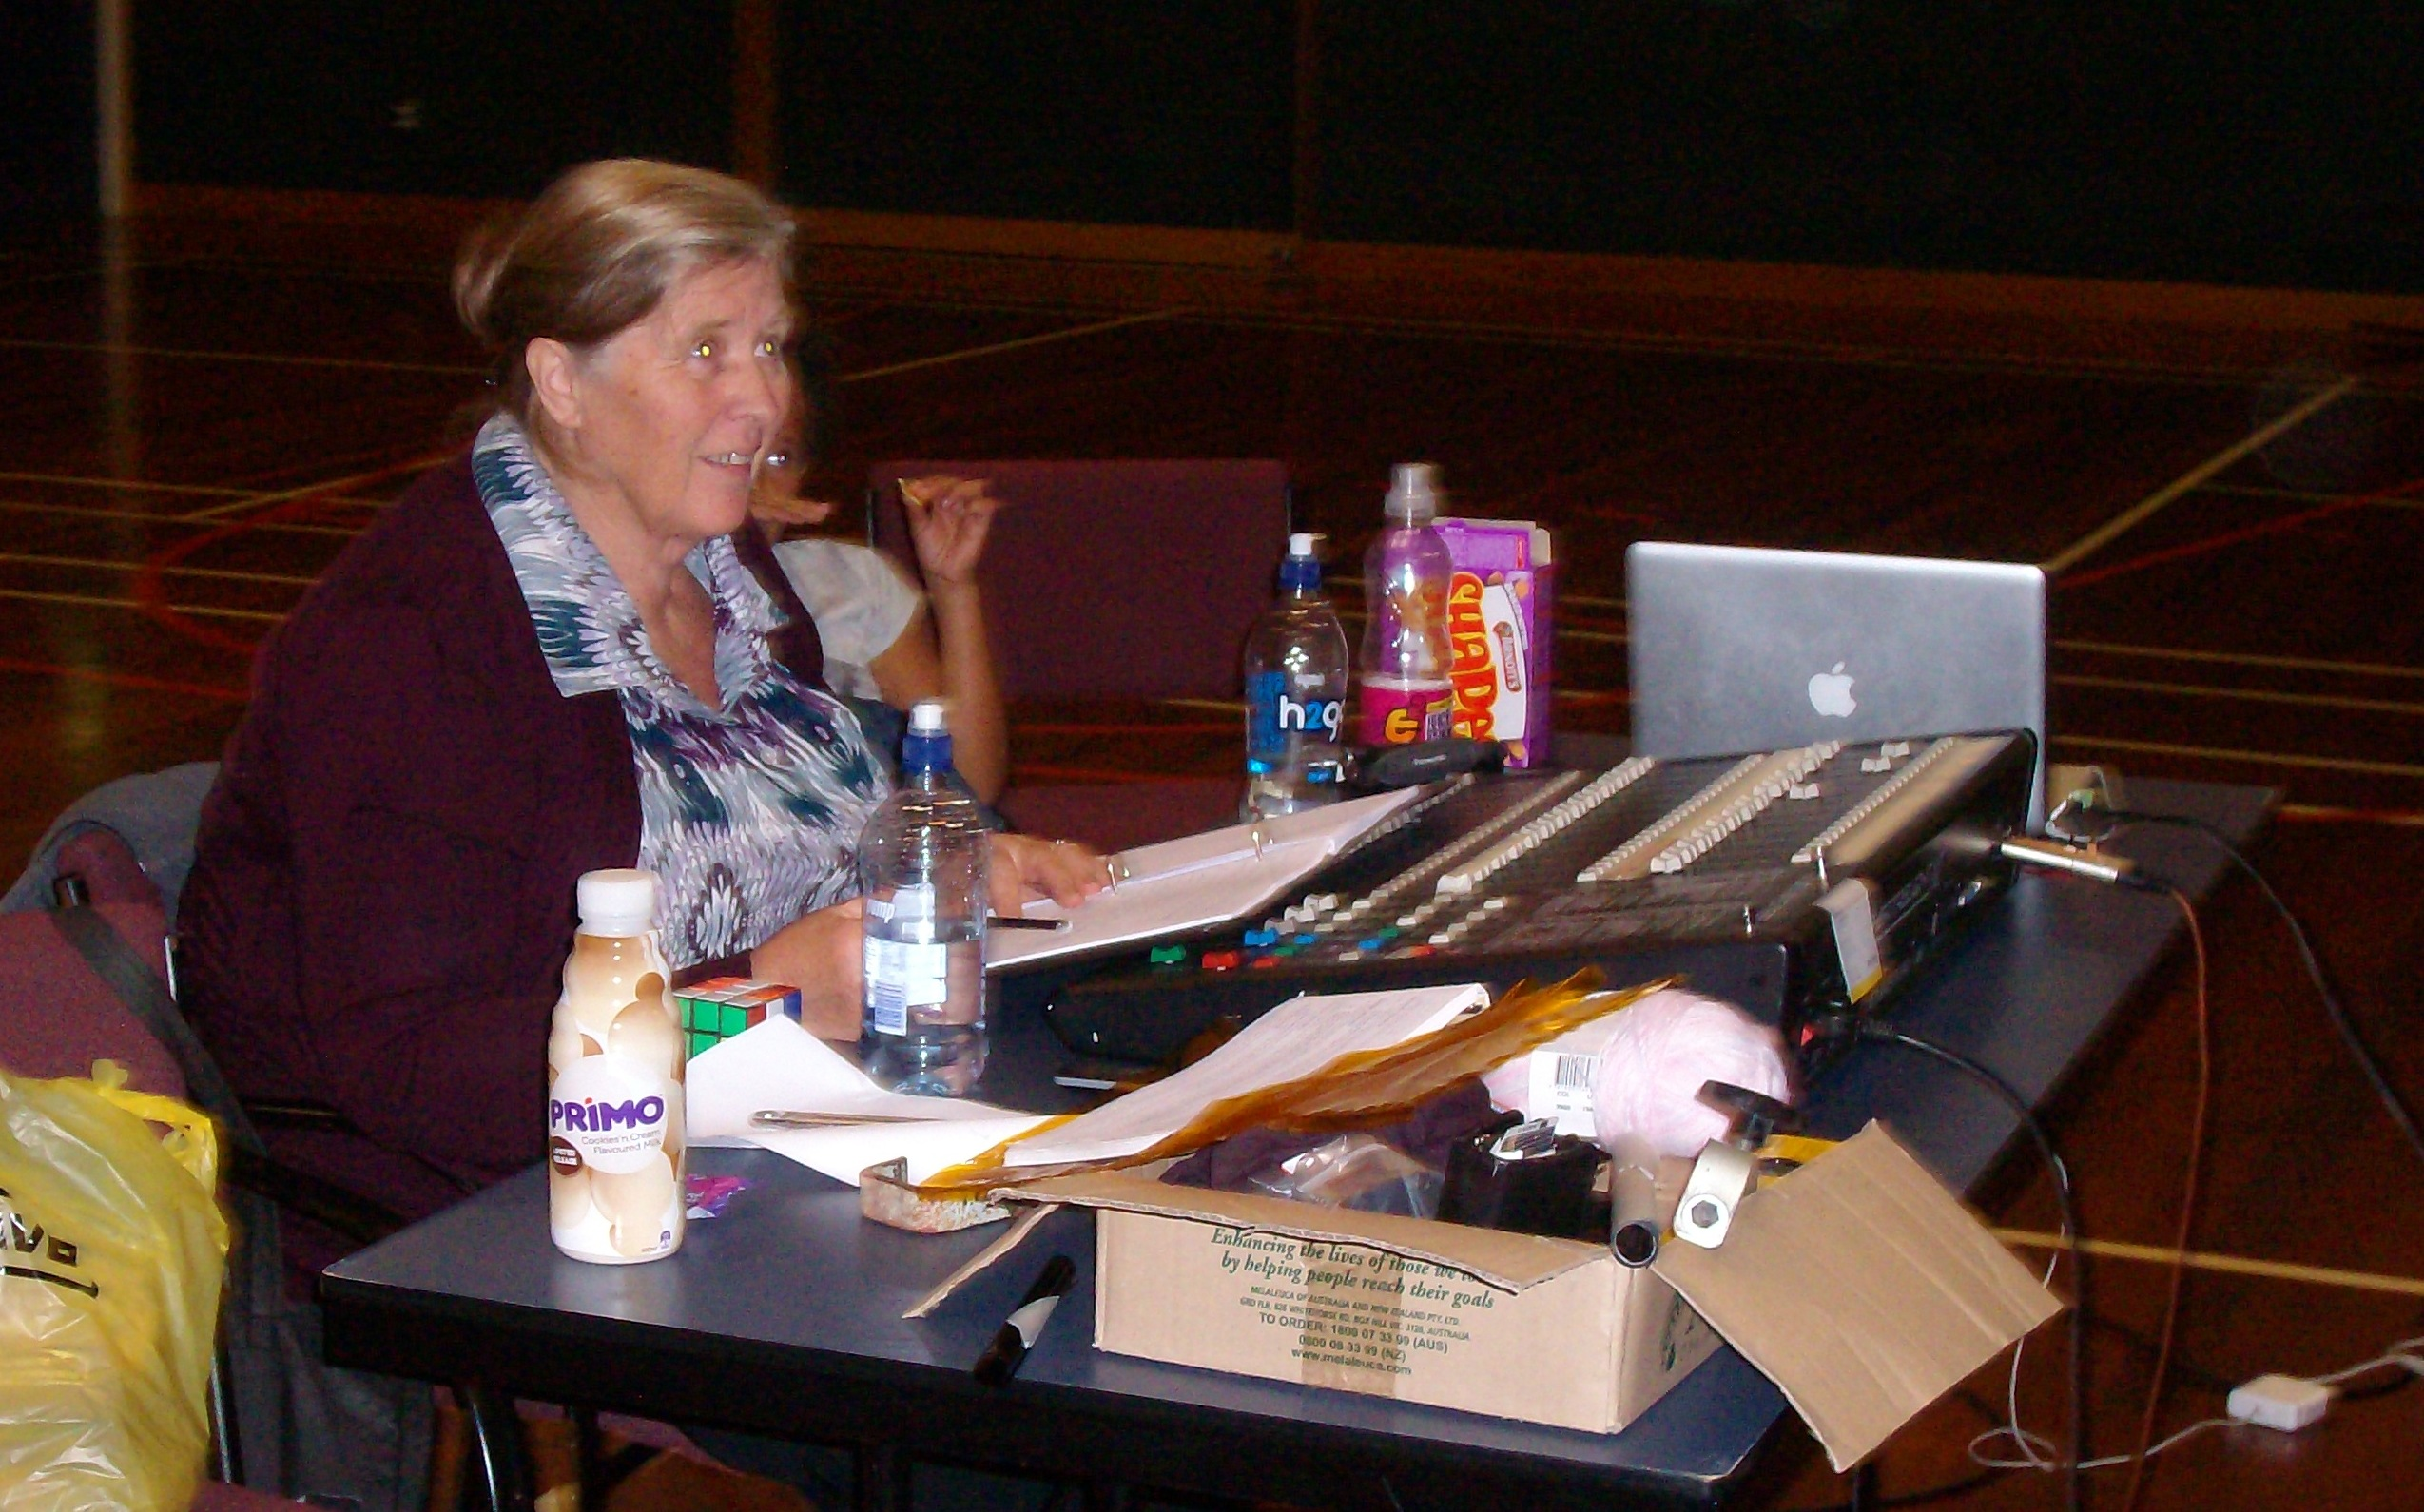 Cathie on the lighting desk